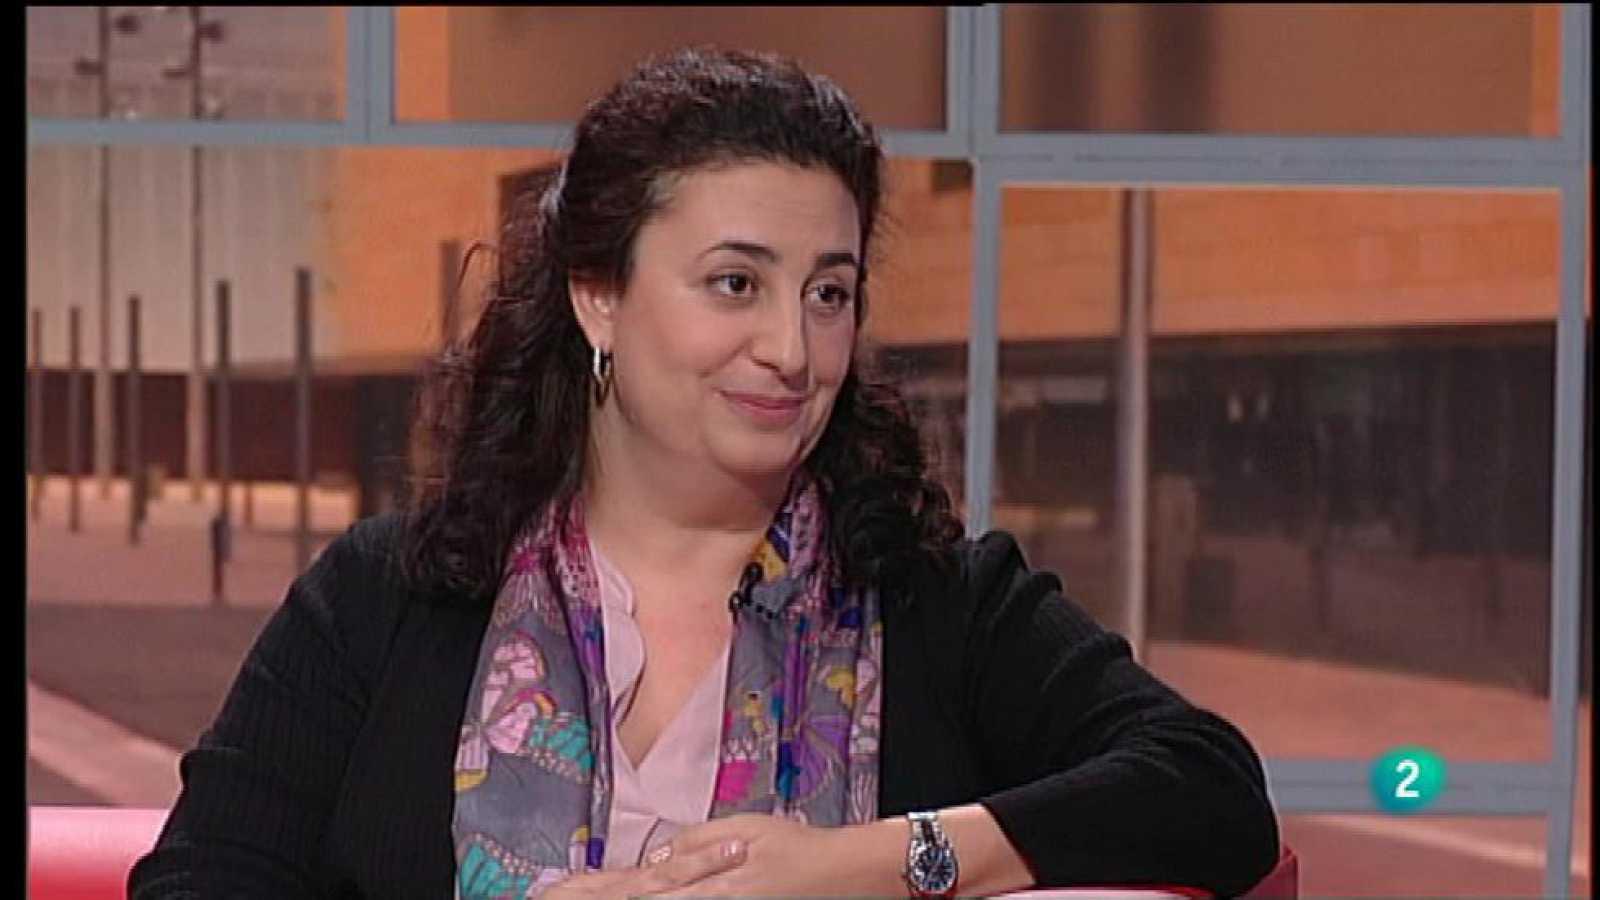 Para Todos La 2 - Entrevista - Laura Rojas Marcos, Transformar relaciones familiares tóxicas en relaciones sanas